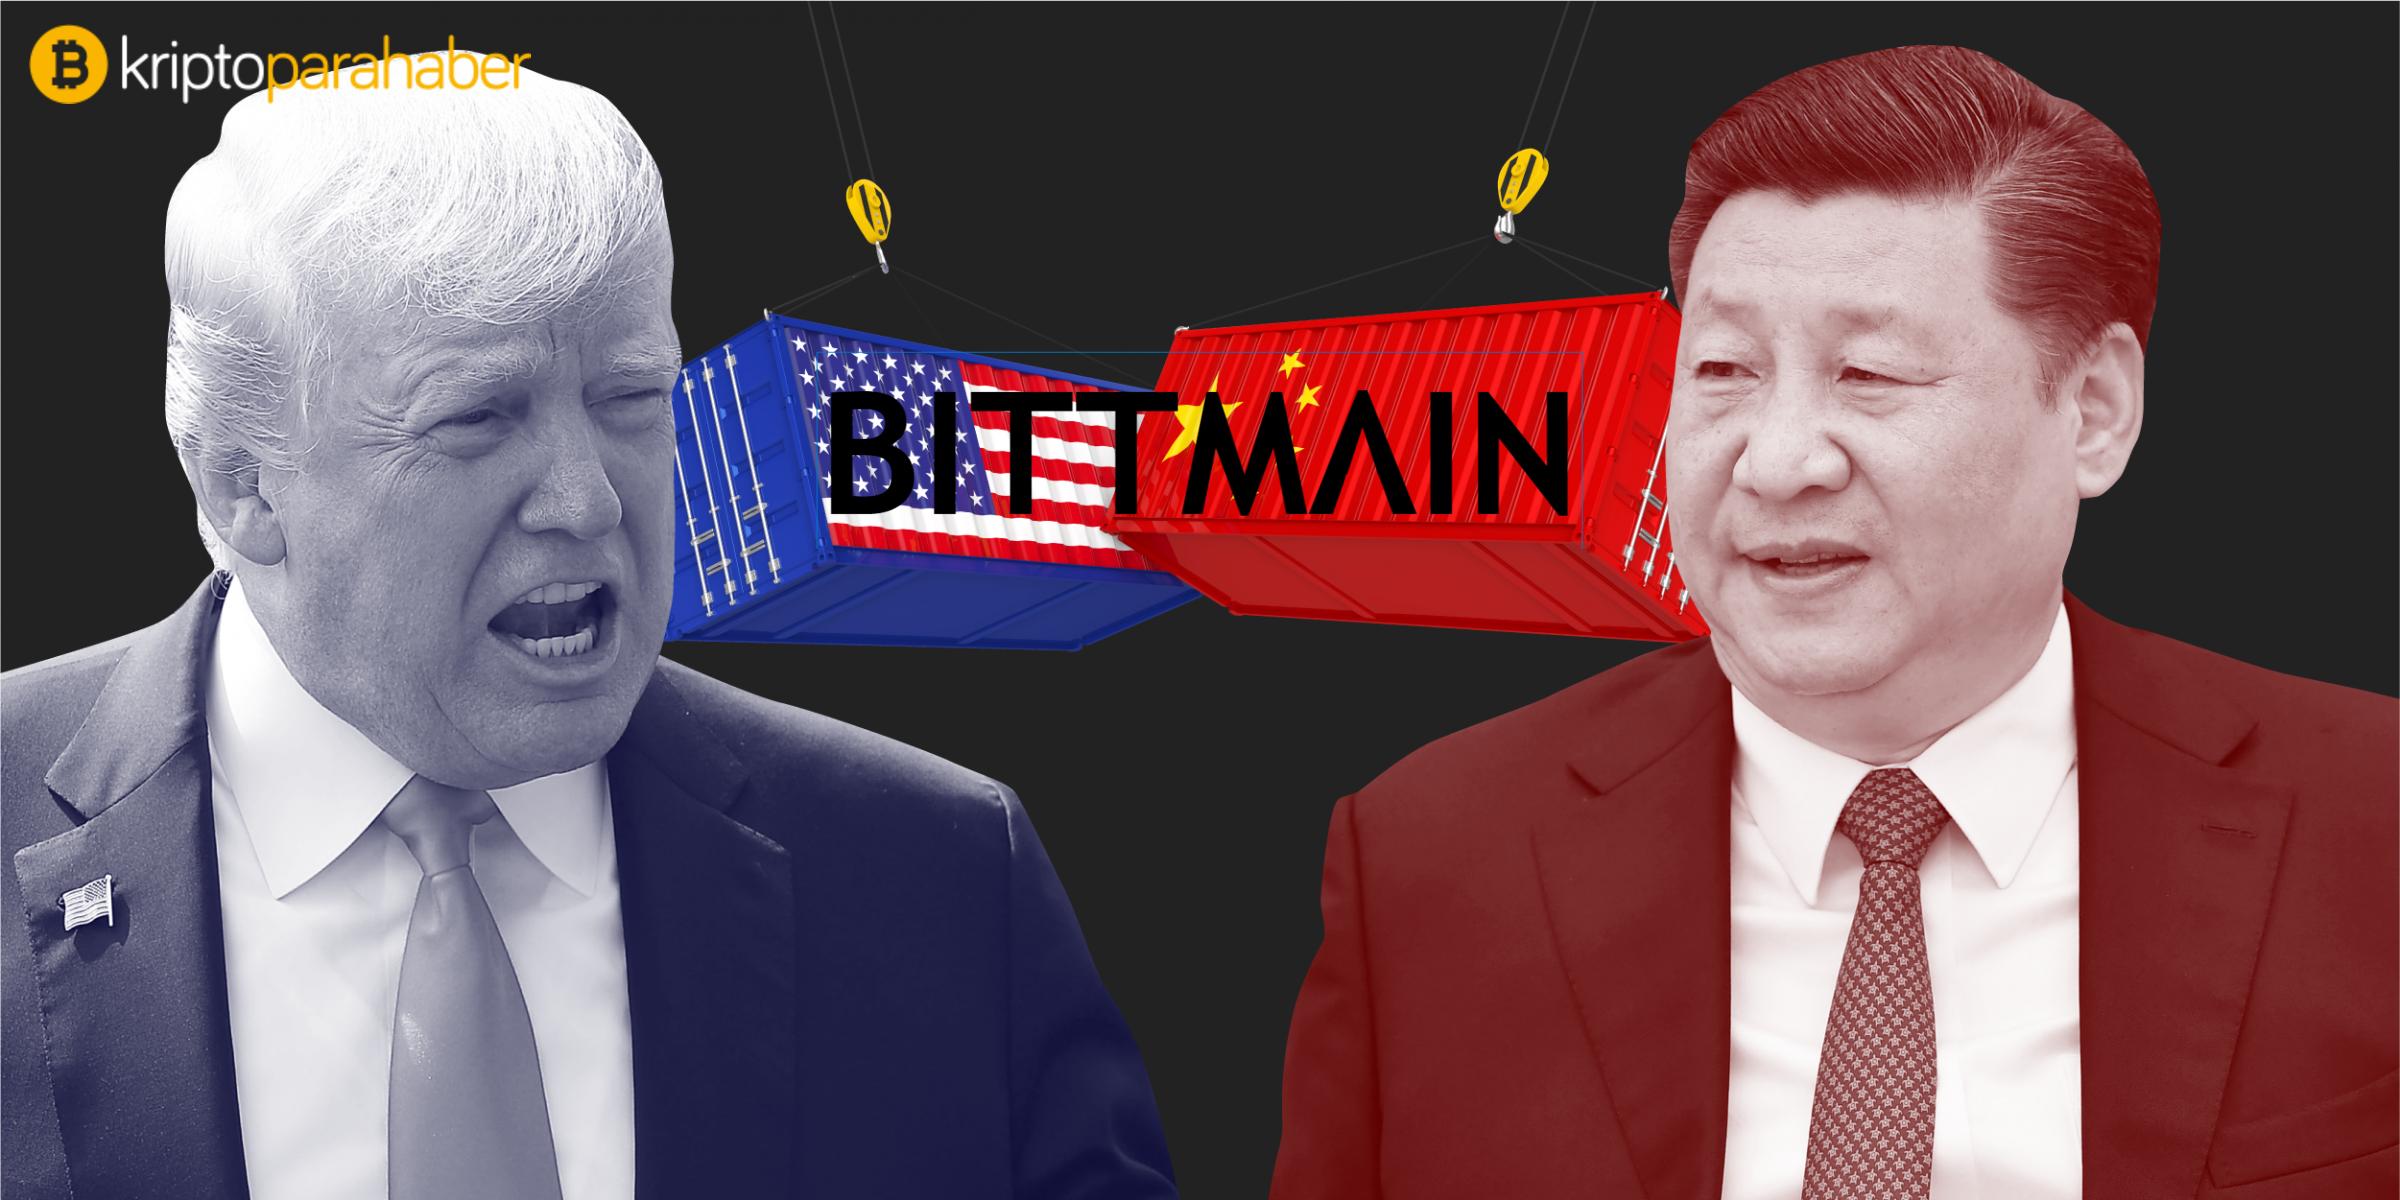 Çin ile ABD'nin ticaret savaşı, Bitmain'i olumsuz etkiliyor